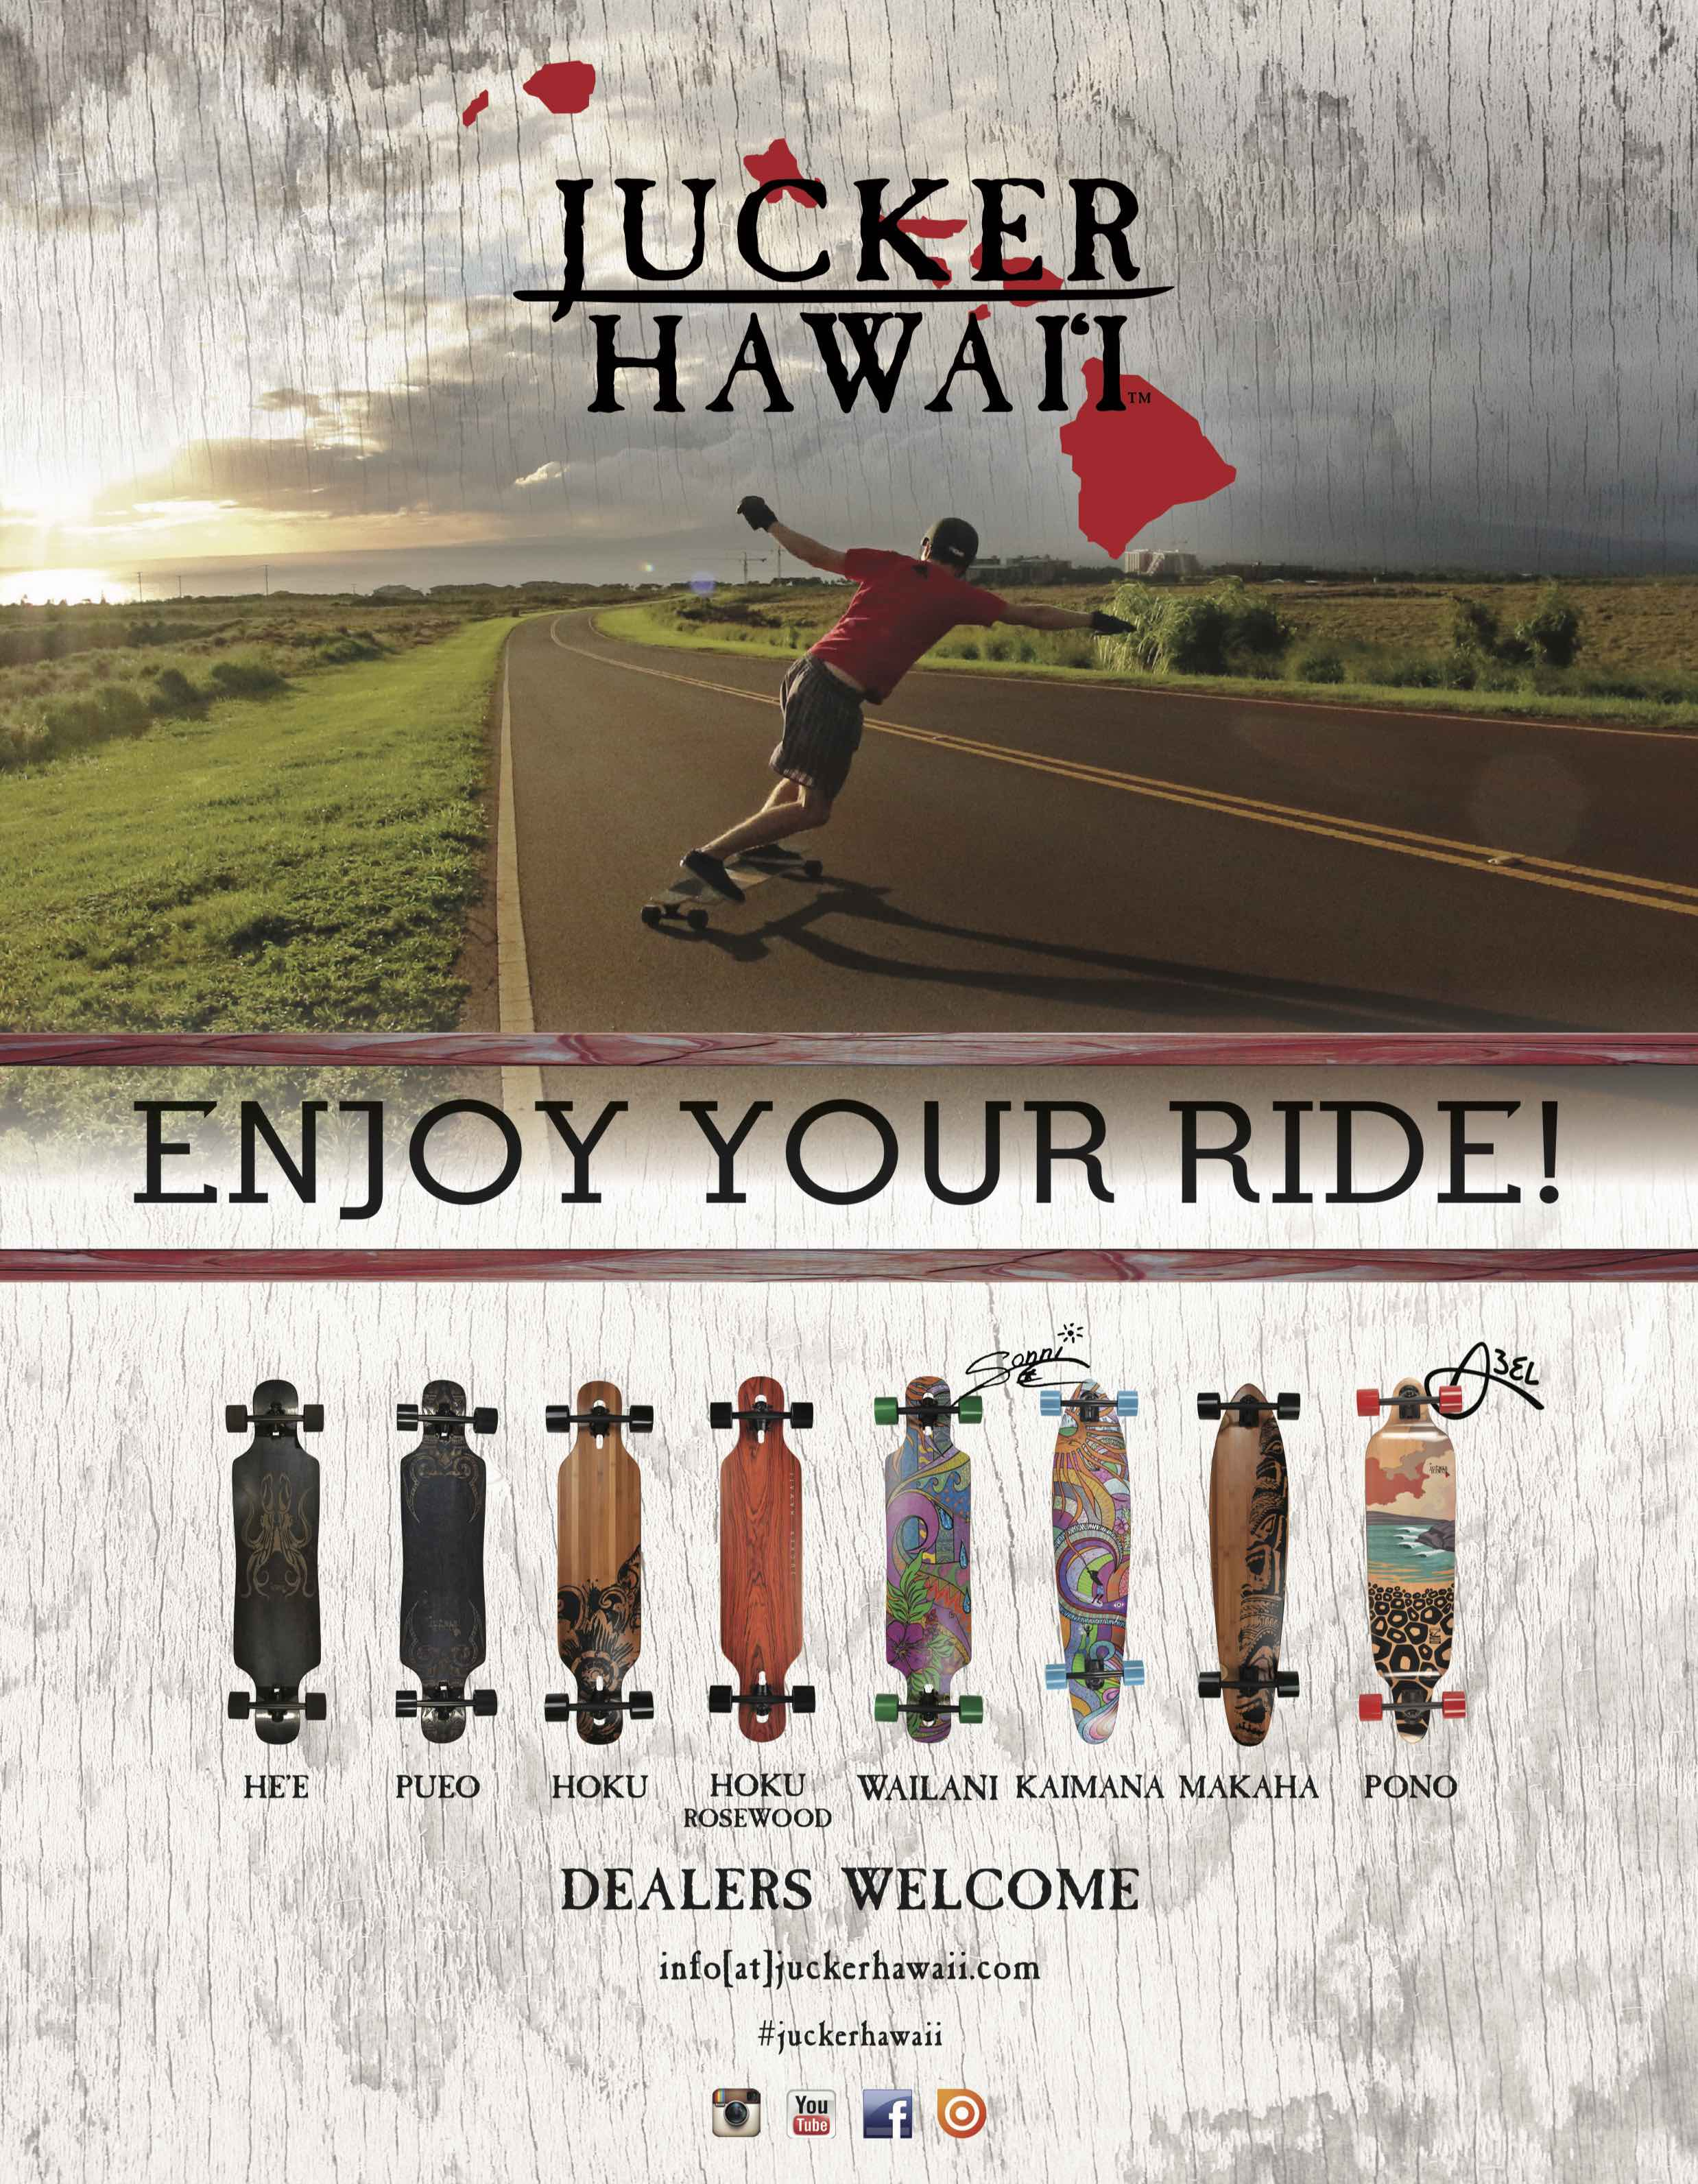 Jucker Hawaii 83